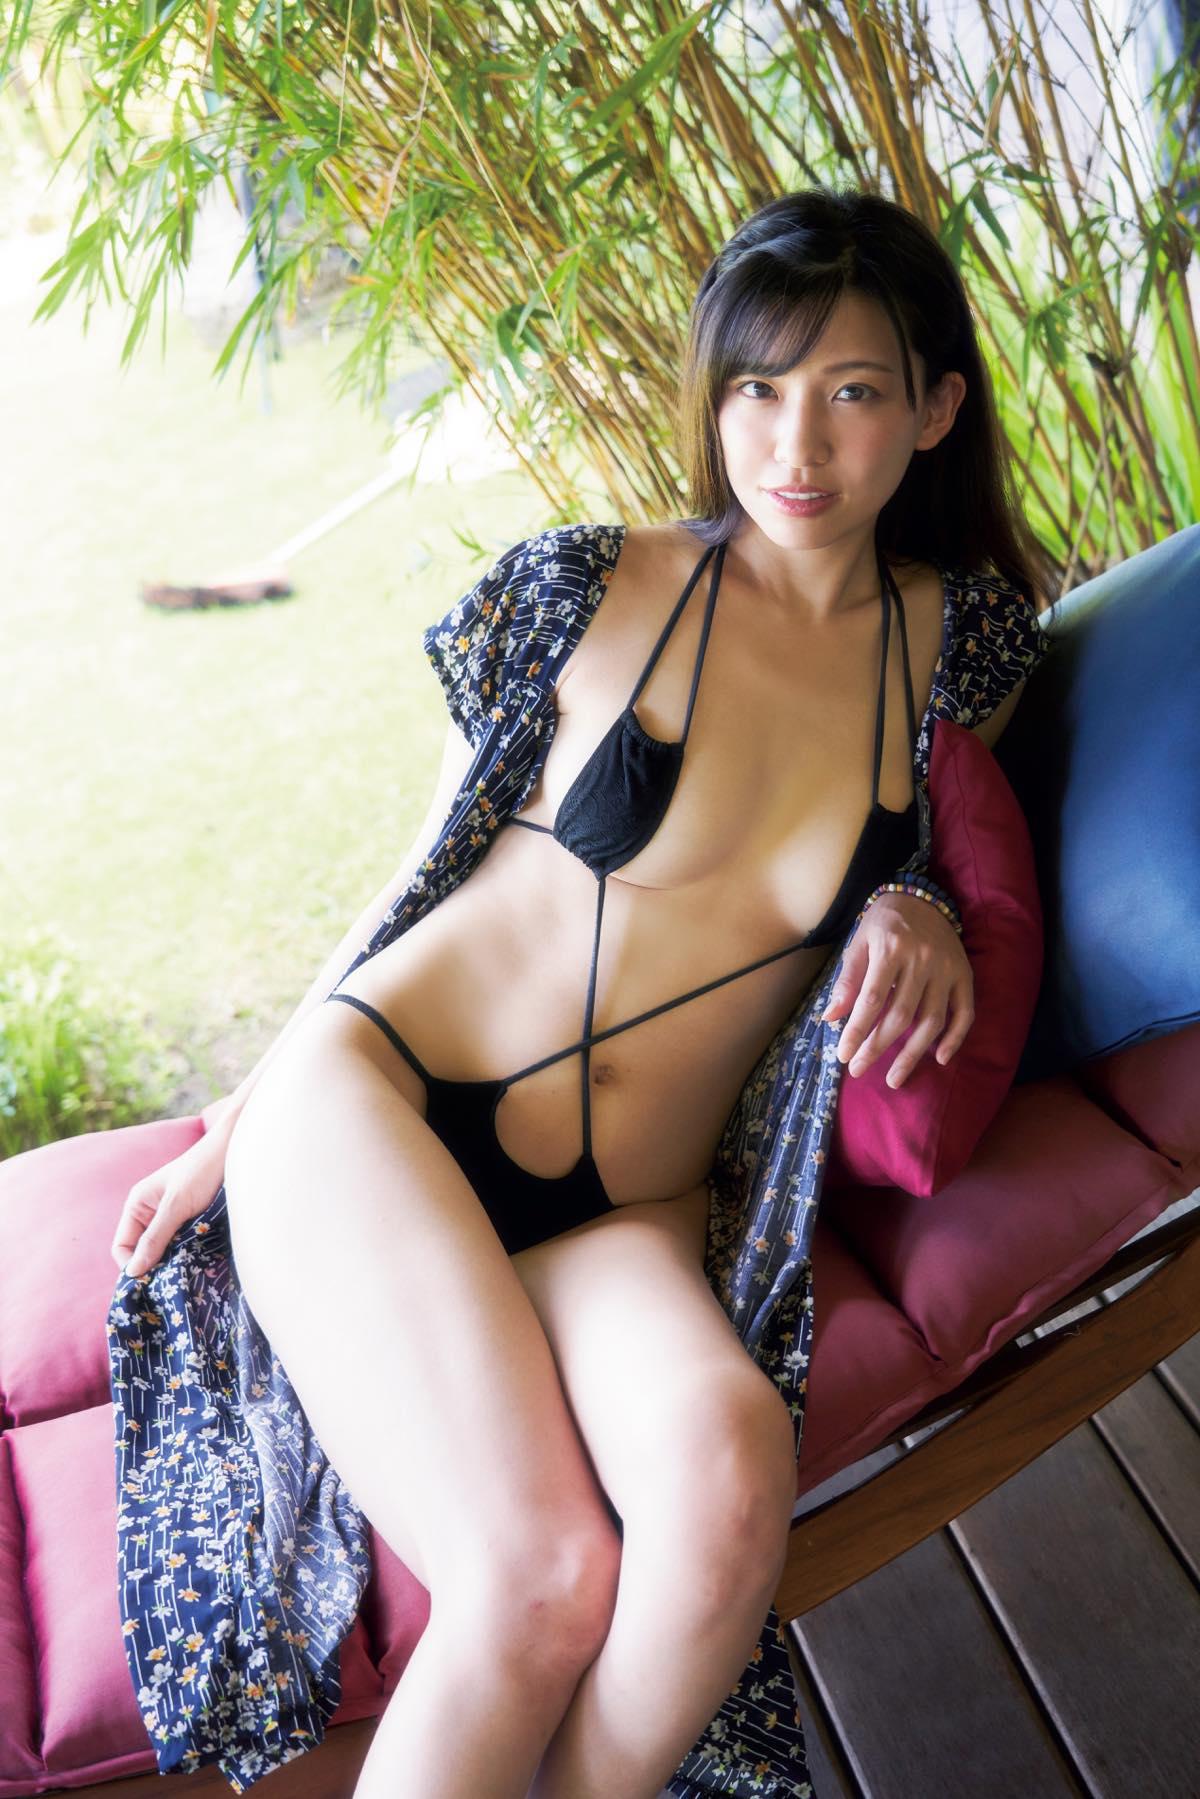 佐野マリア「ほぼ生まれたまま」大胆すぎる入浴姿【写真7枚】の画像005